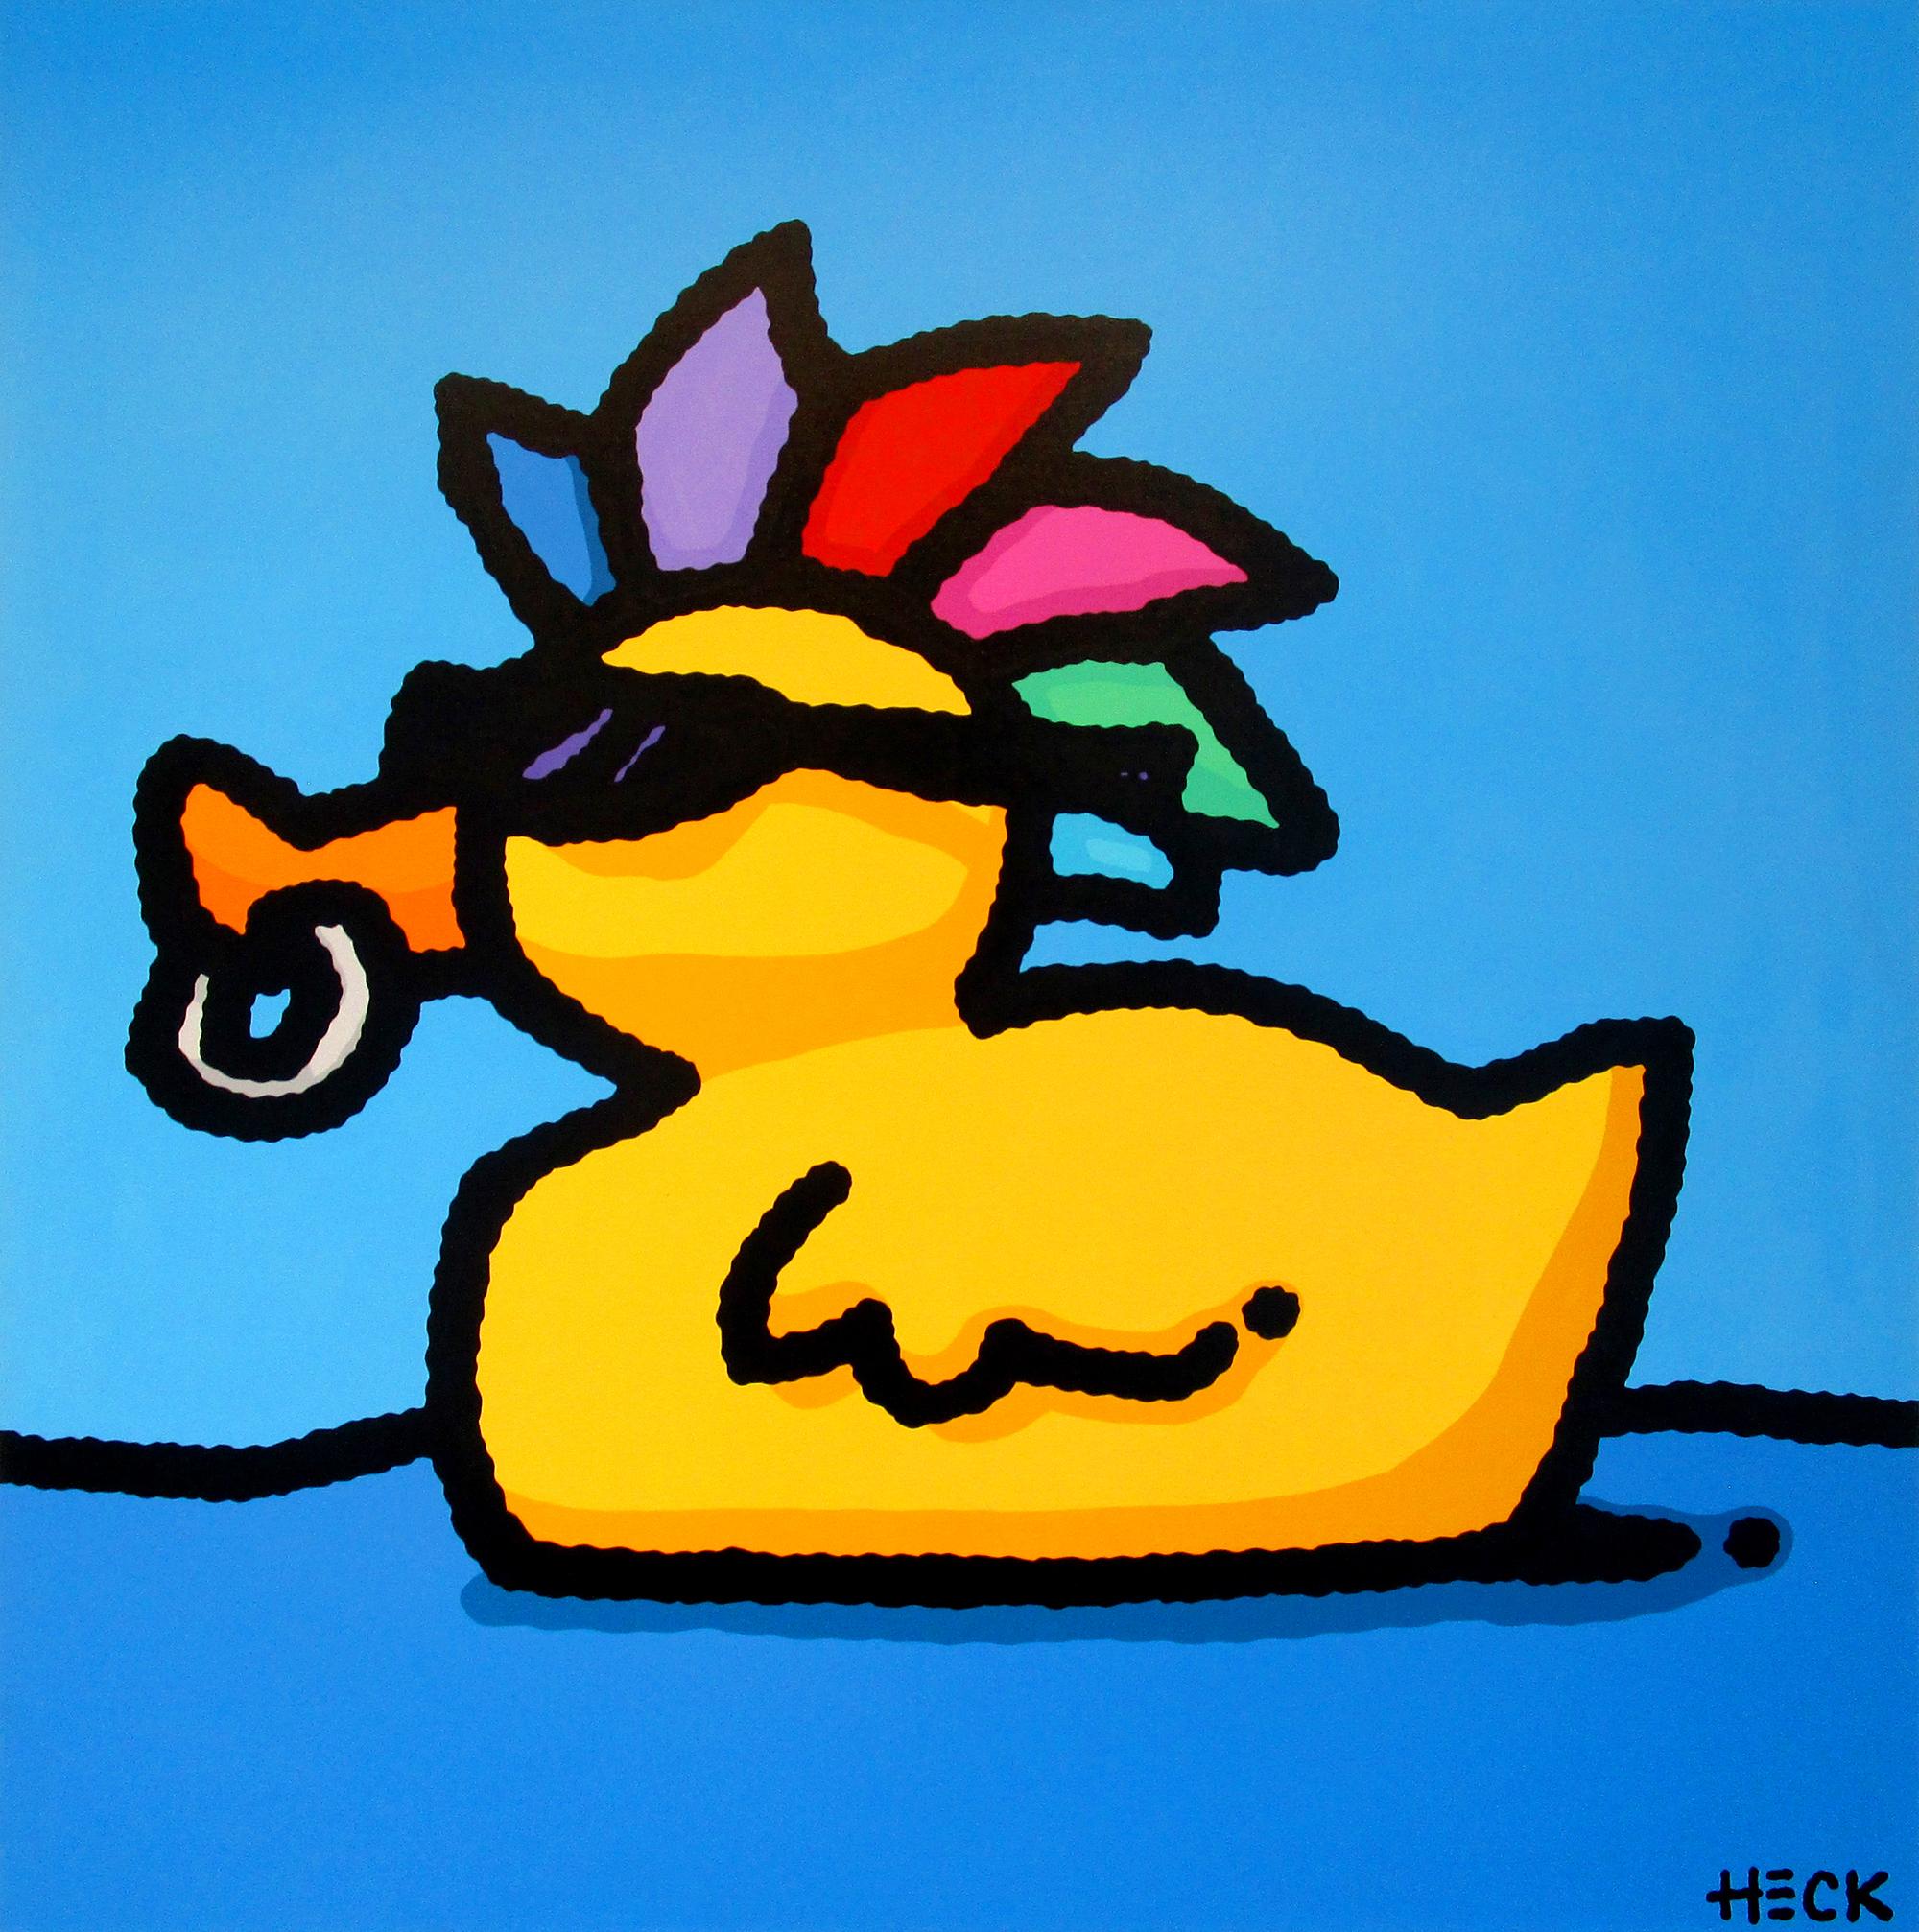 Ed Heck - Duck gone Wild , 6575-006-447